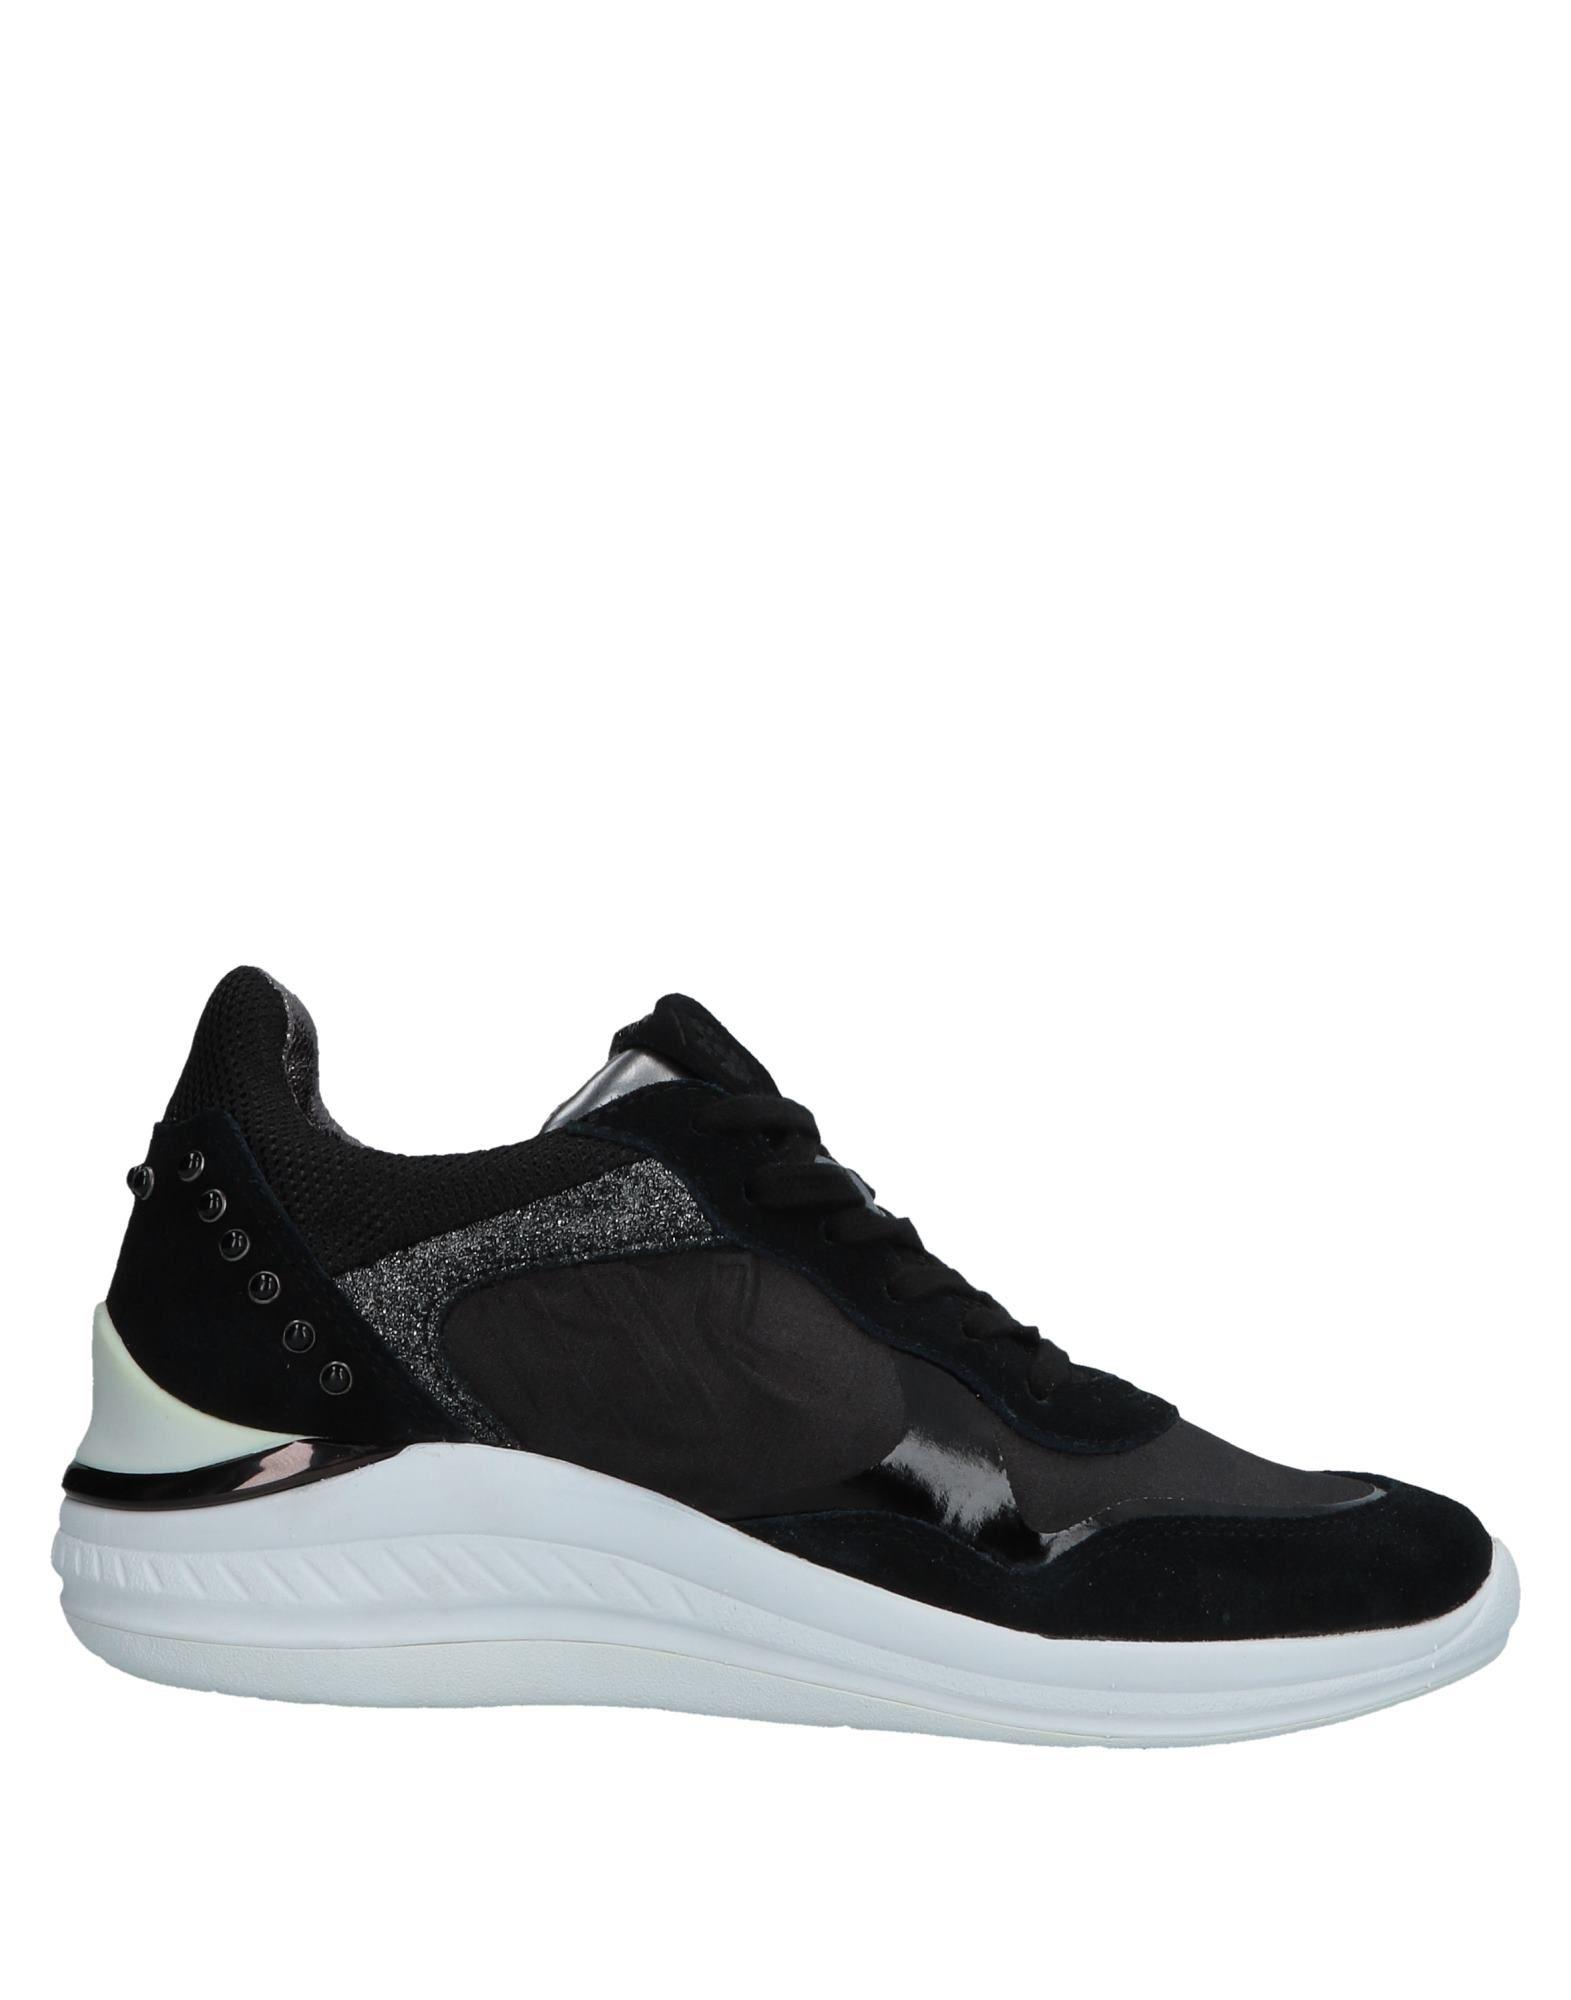 《送料無料》LUMBERJACK レディース スニーカー&テニスシューズ(ローカット) ブラック 35 革 / 紡績繊維